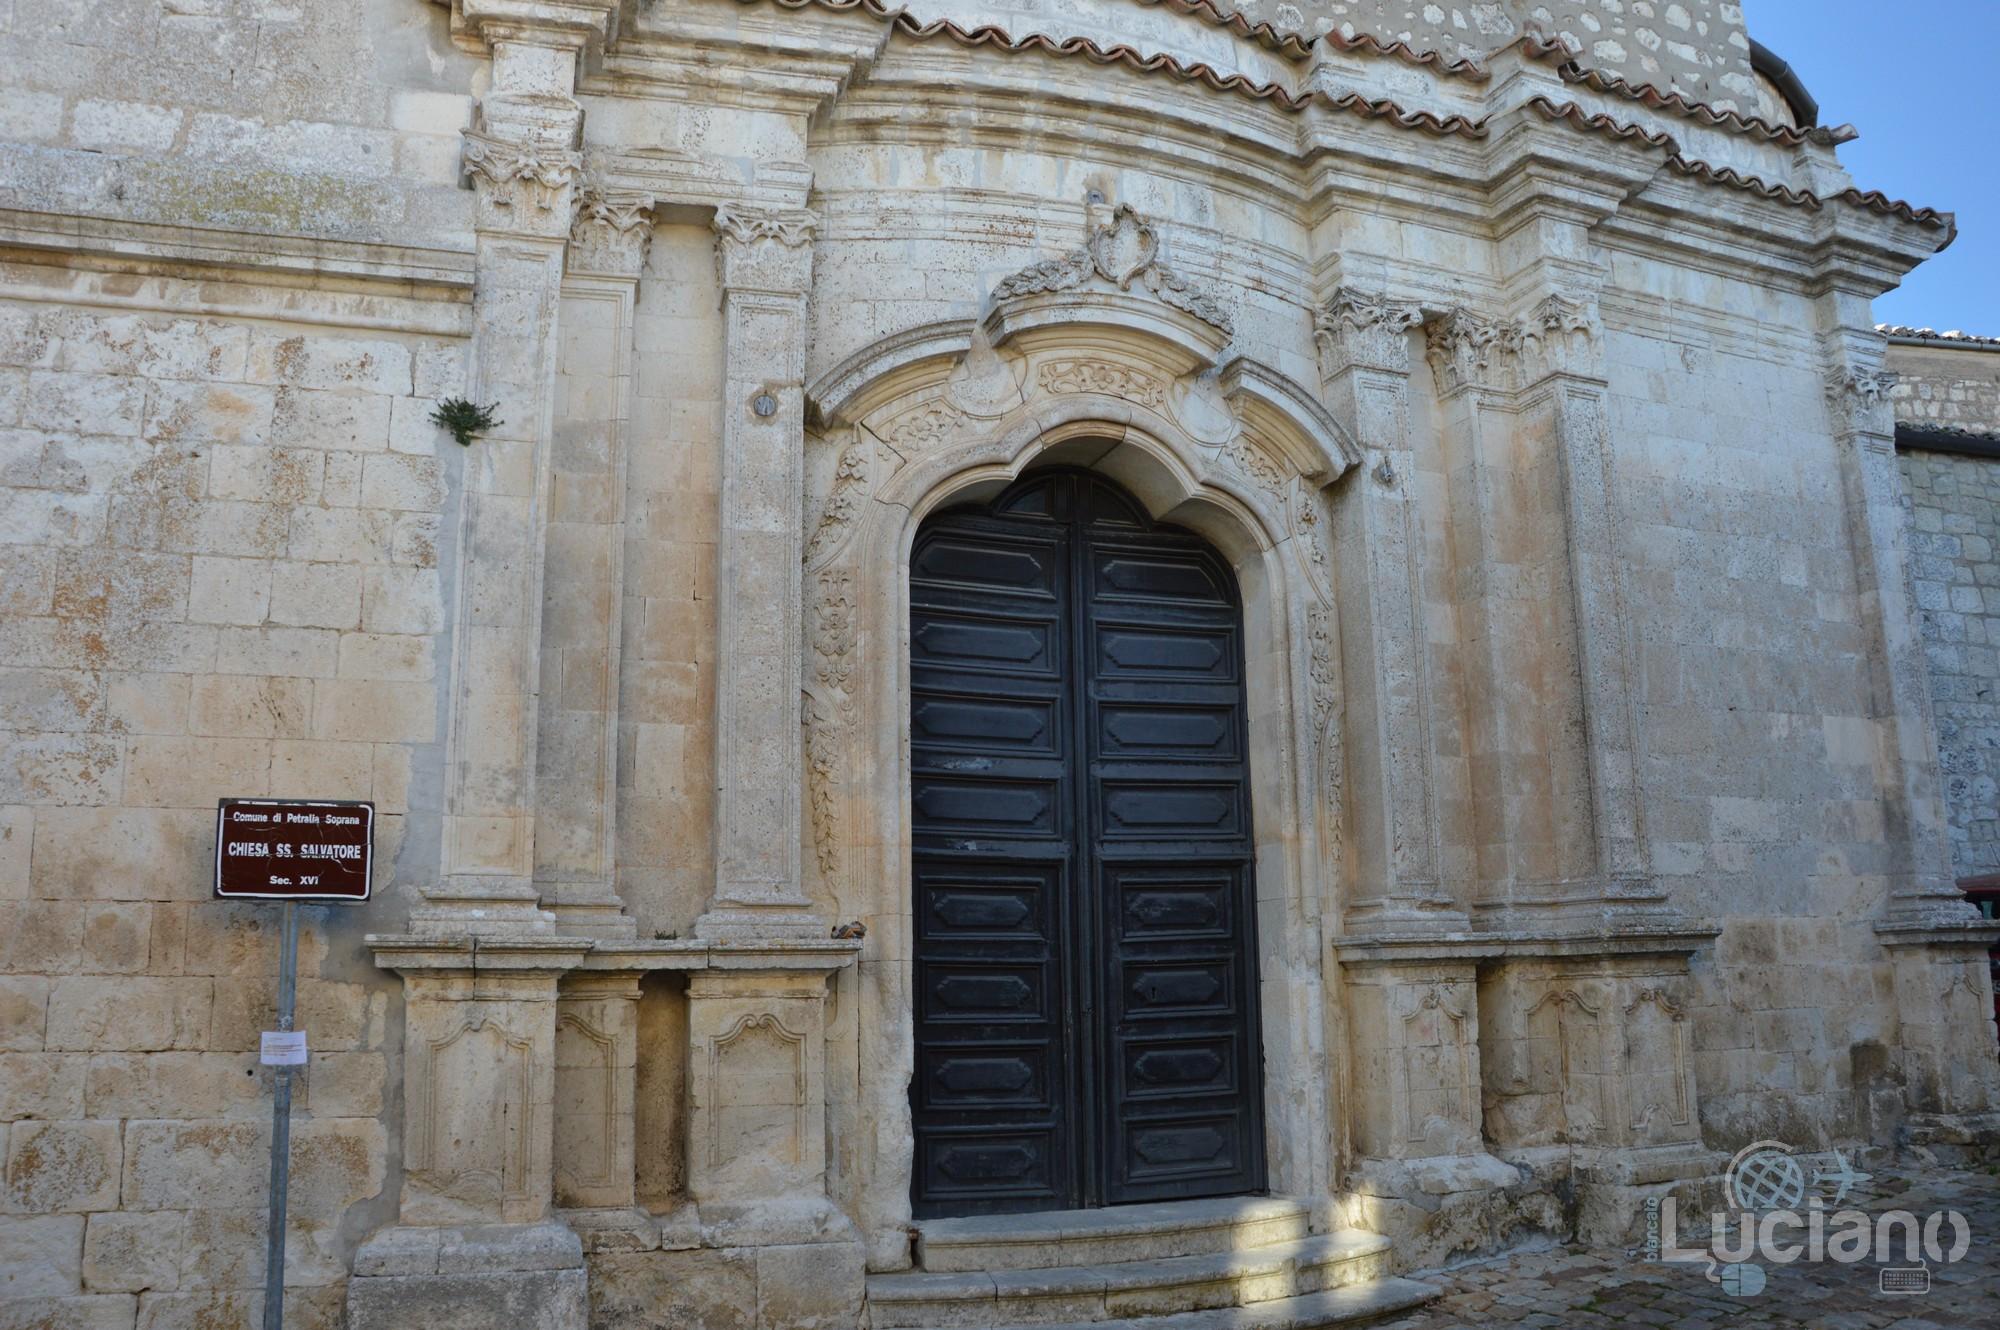 Chiesta Santissimo Salvatore a Petralia Soprana - Palermo -  I Borghi più belli d'Italia - Borgo più bello d'Italia 2018